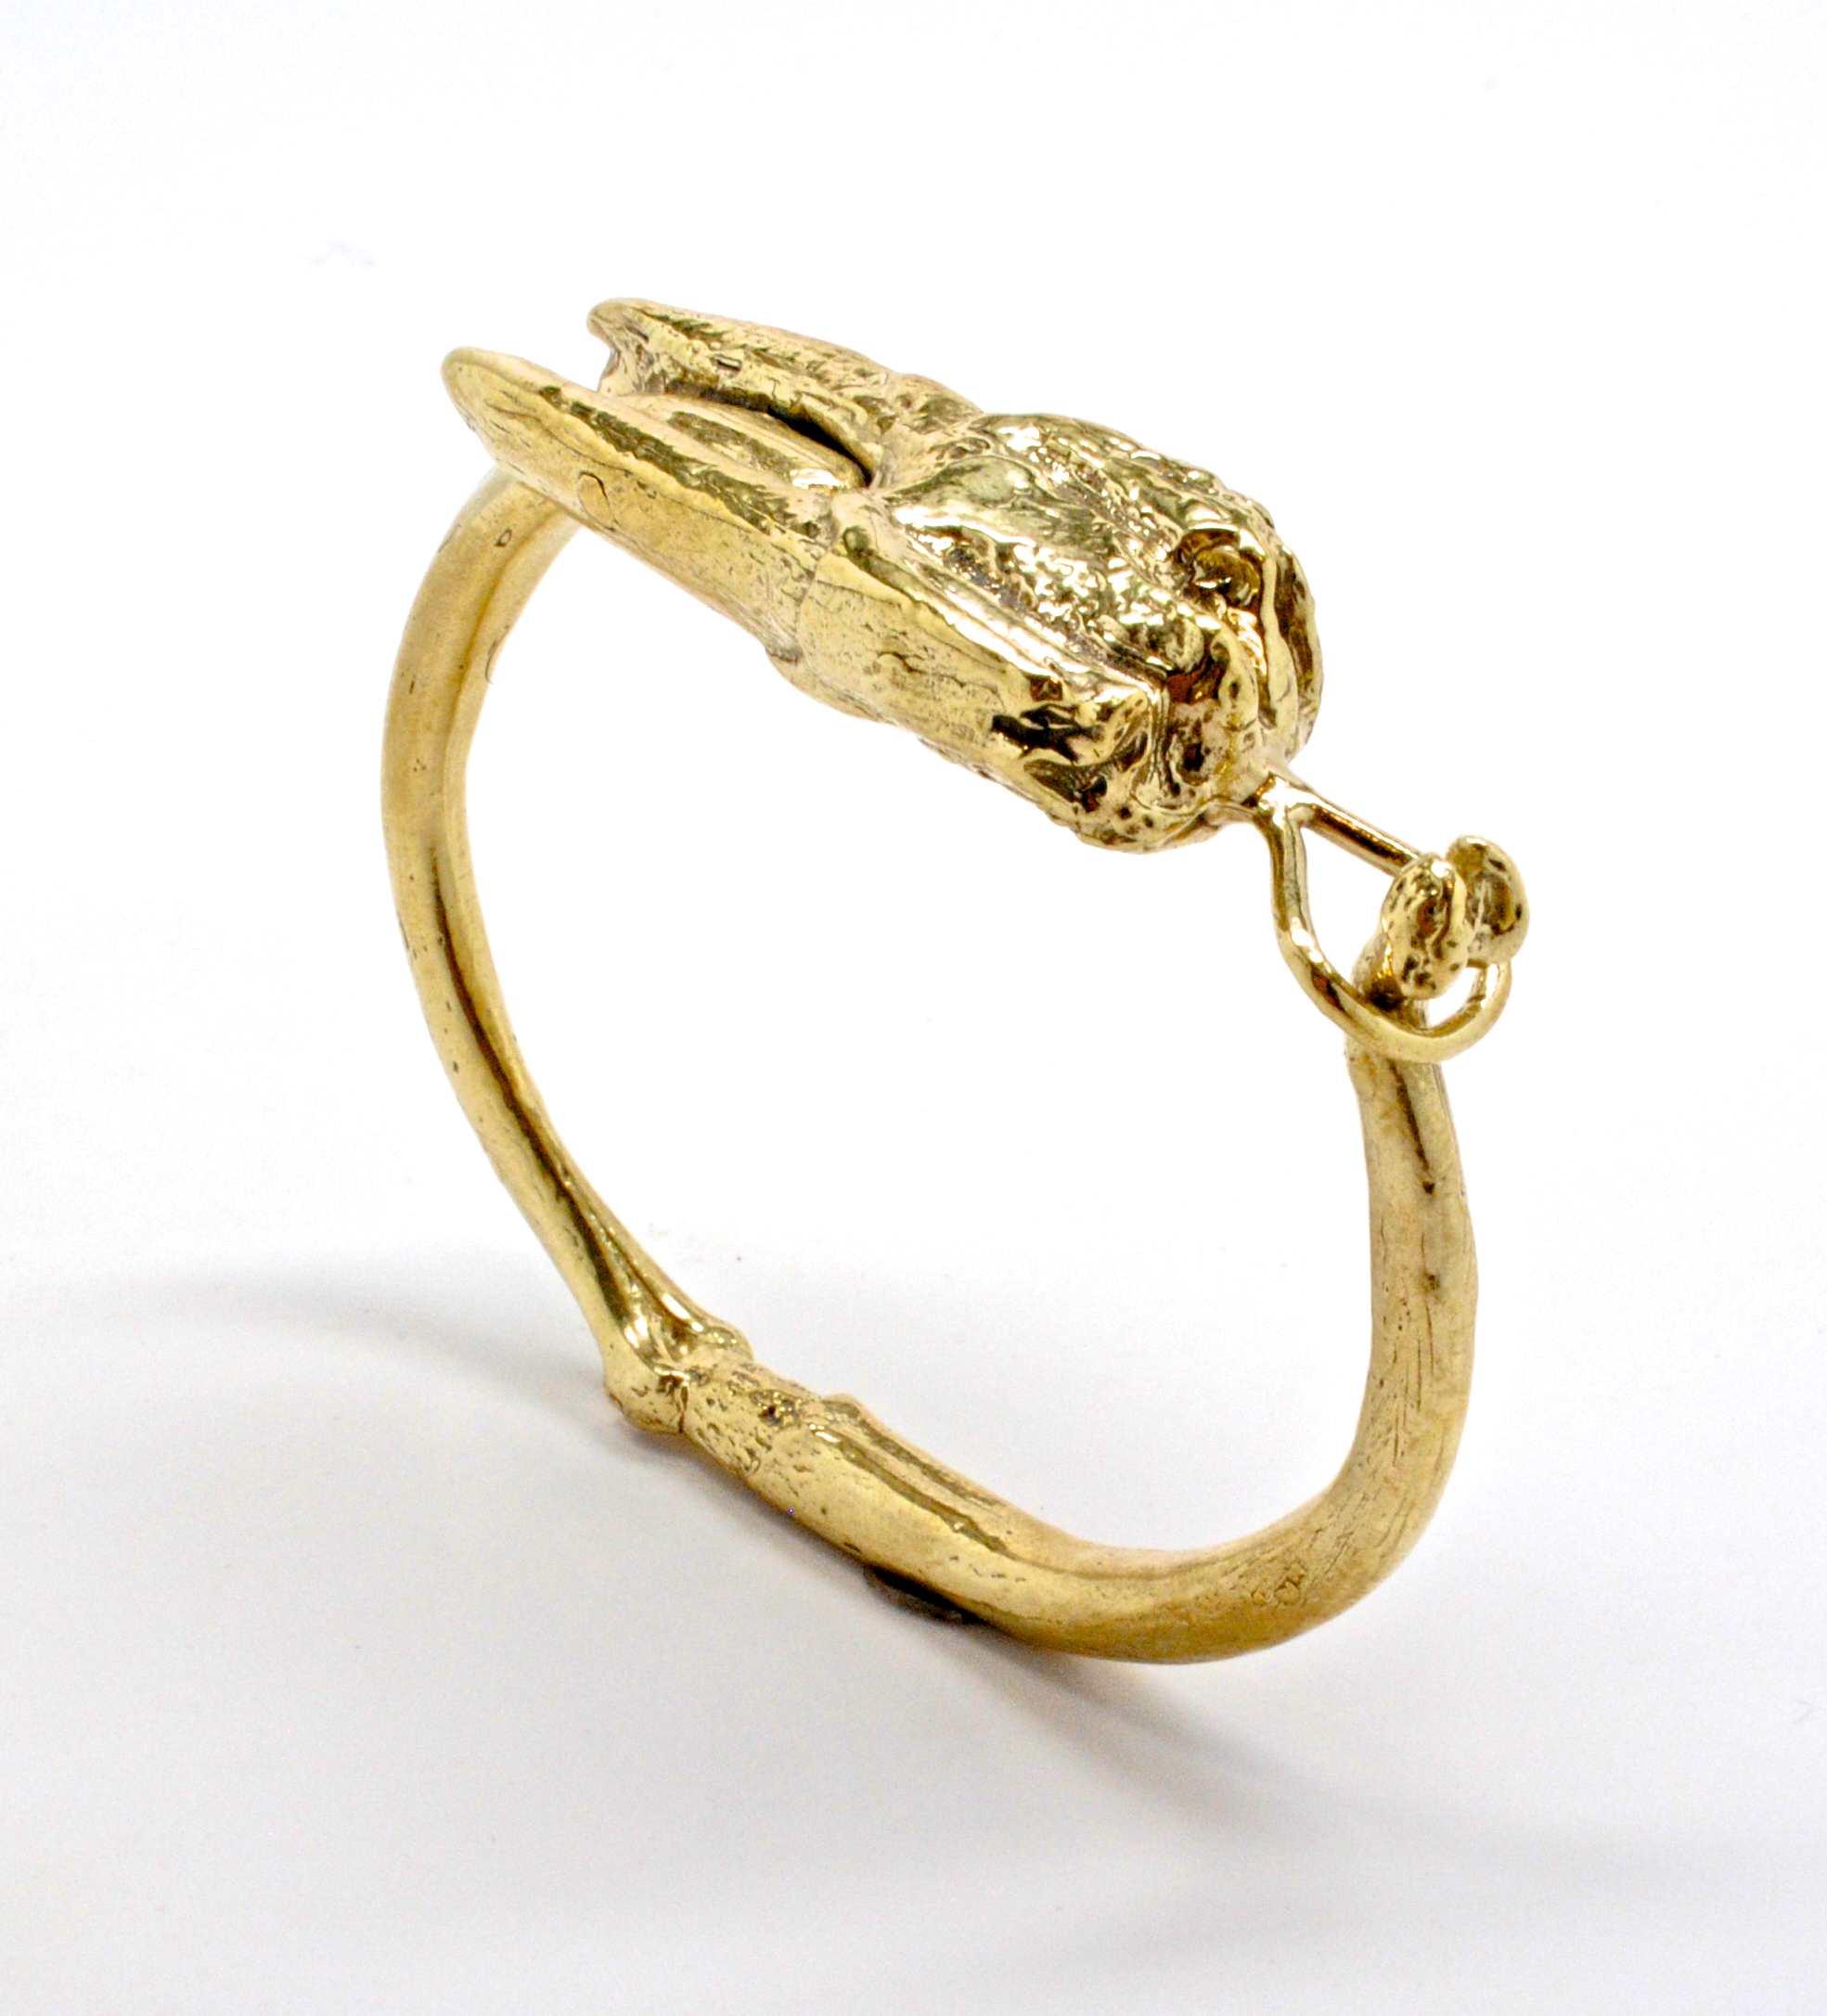 Luxury Gold Jewelry New York Jewellrys Website